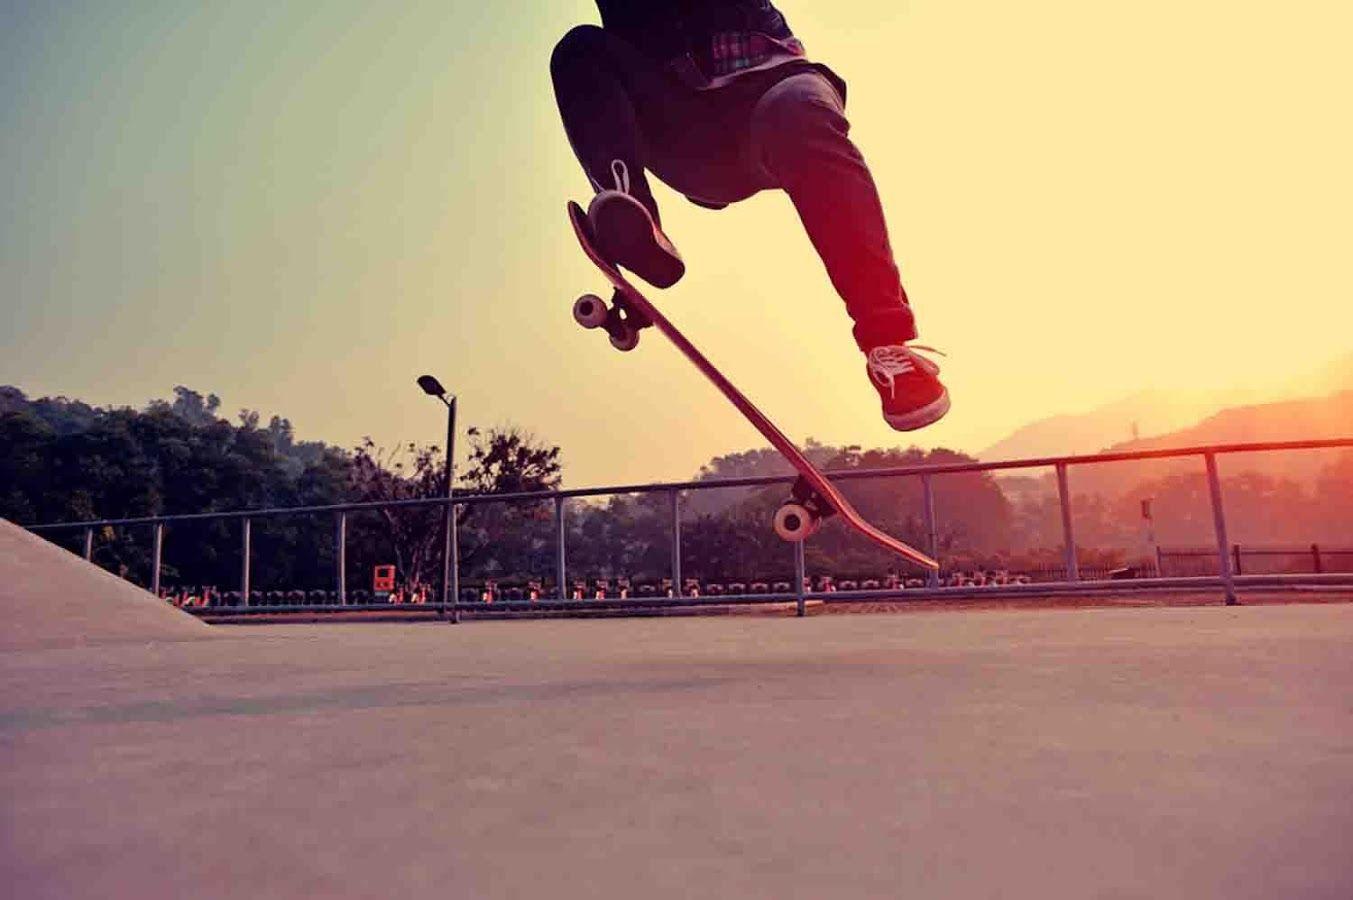 Risultati immagini per skateboard wallpaper